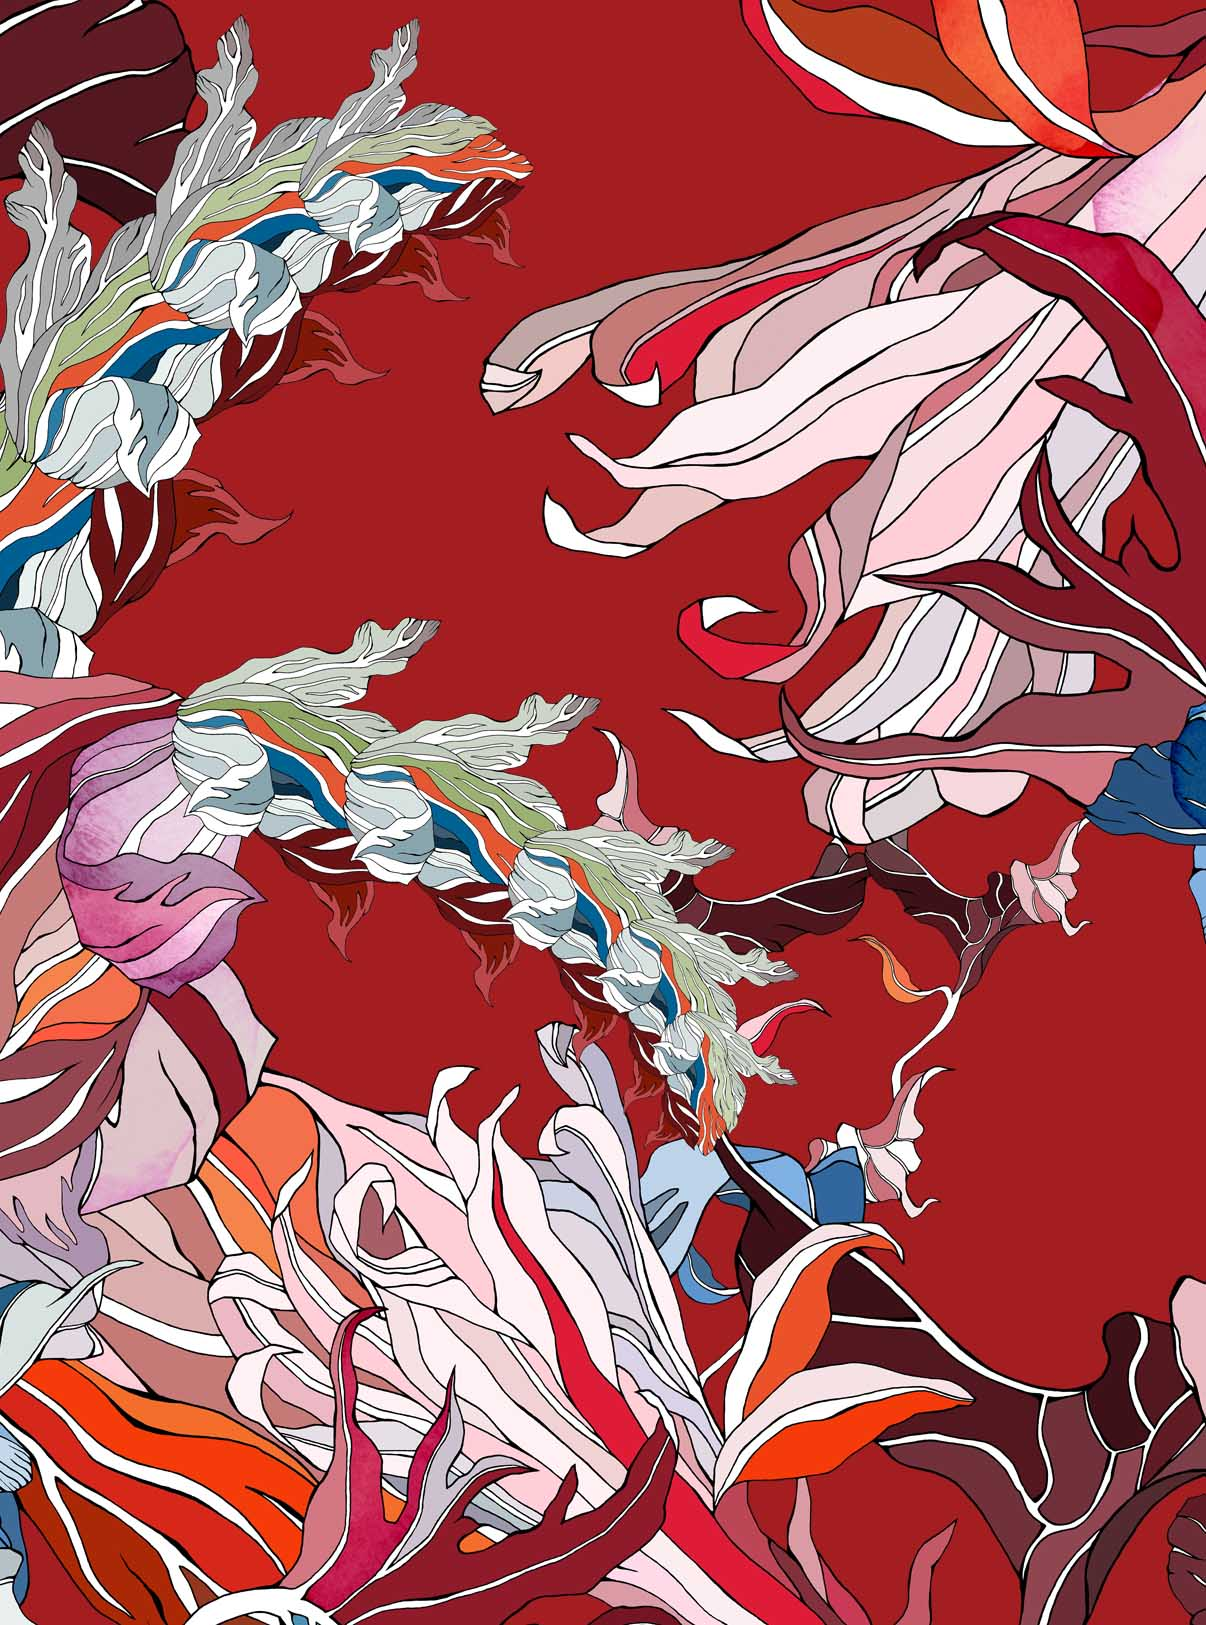 Meng-Loungewear-luxury-printed-silk-art-oriental-watercolour-red-orange-RF.jpg